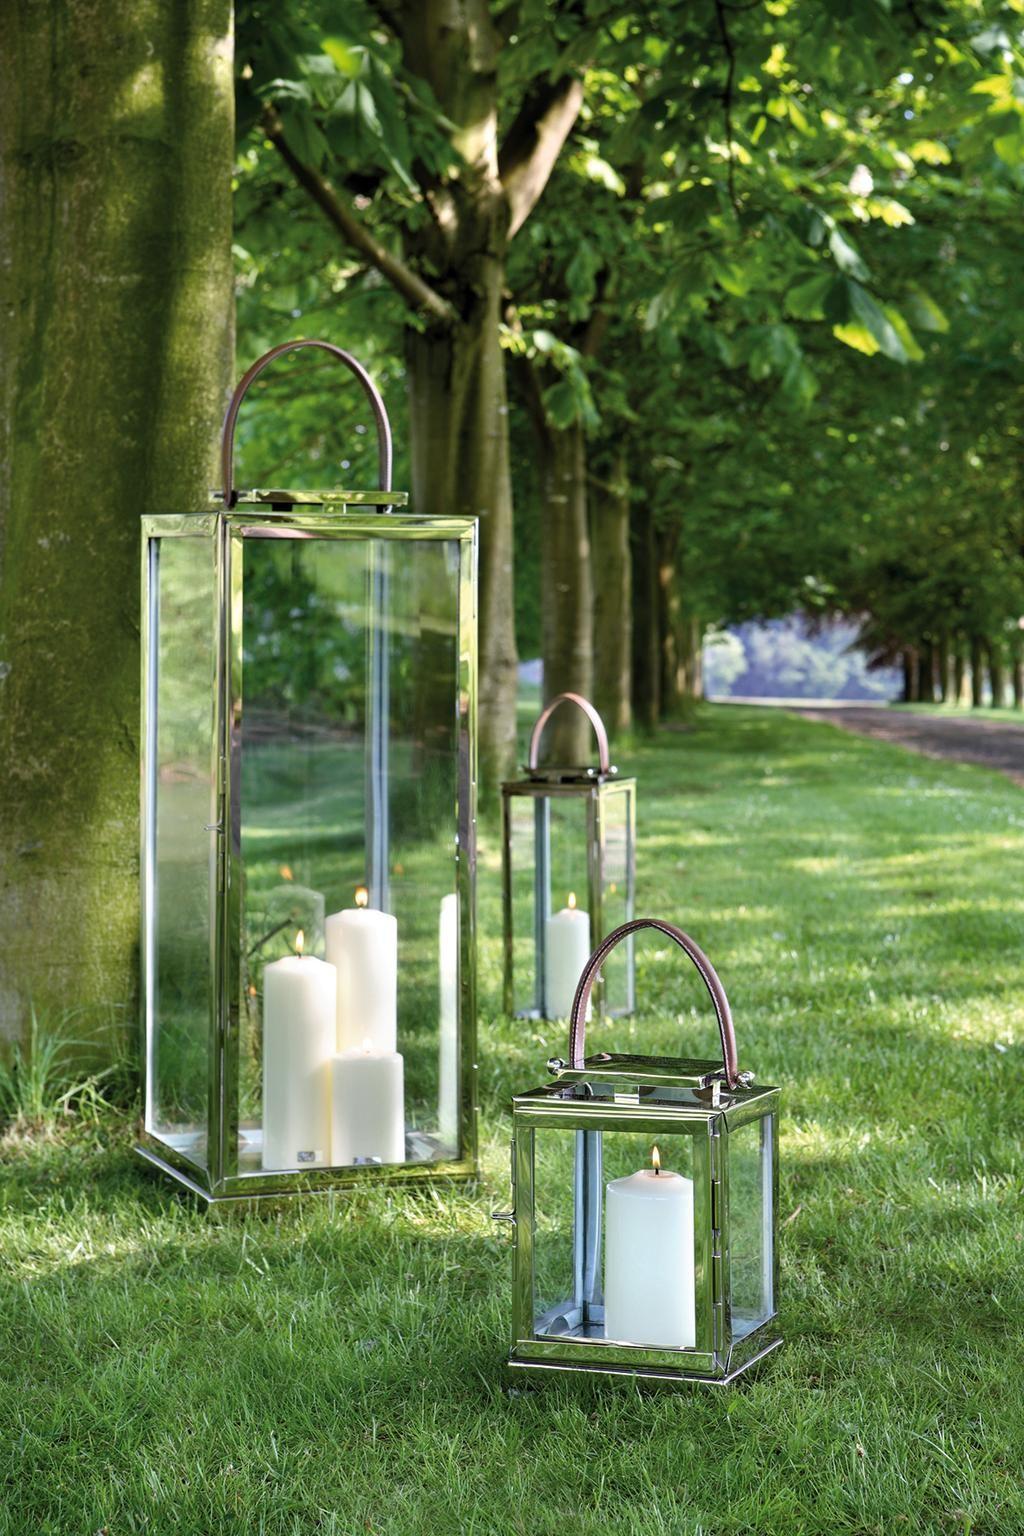 Garten Windlicht Genial Desaive Design On